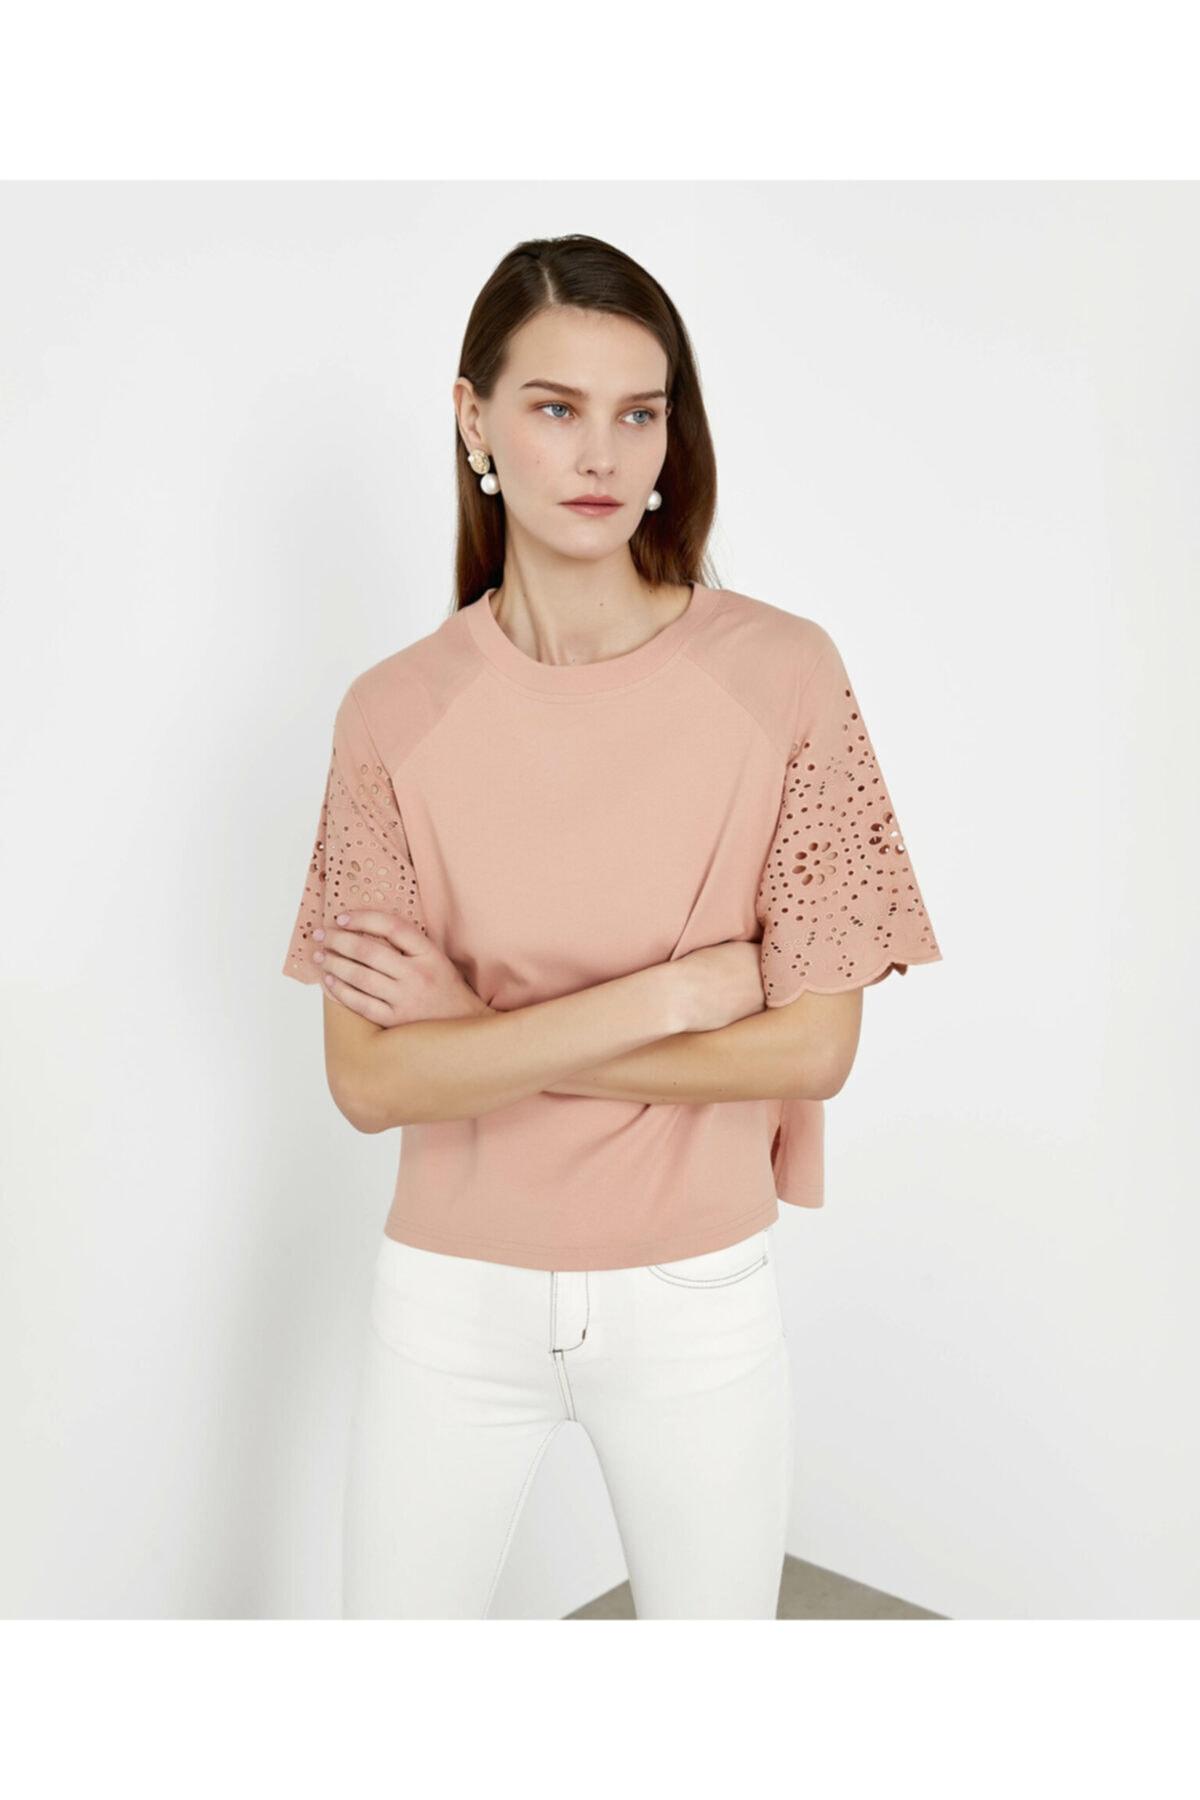 İpekyol Beyaz Iş Kol Detaylı Tshirt 2